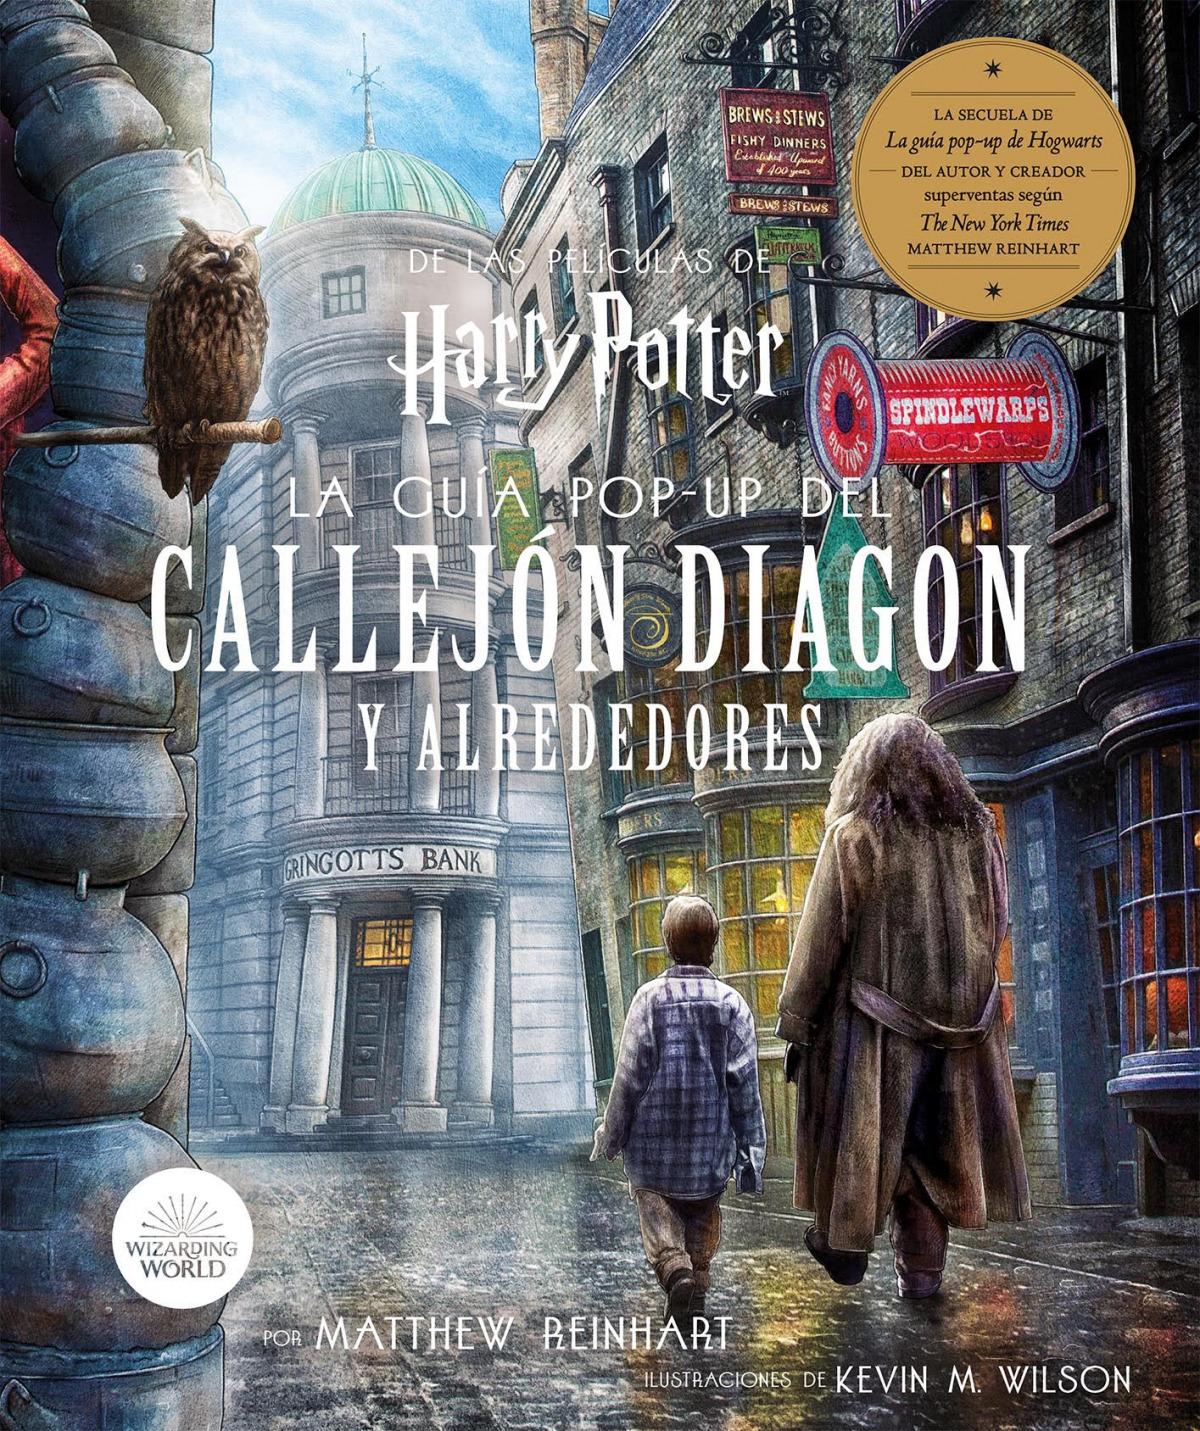 Harry Potter: La Gu¡a POP-UP del Callejo Diagon y Alrededores 9788467942200